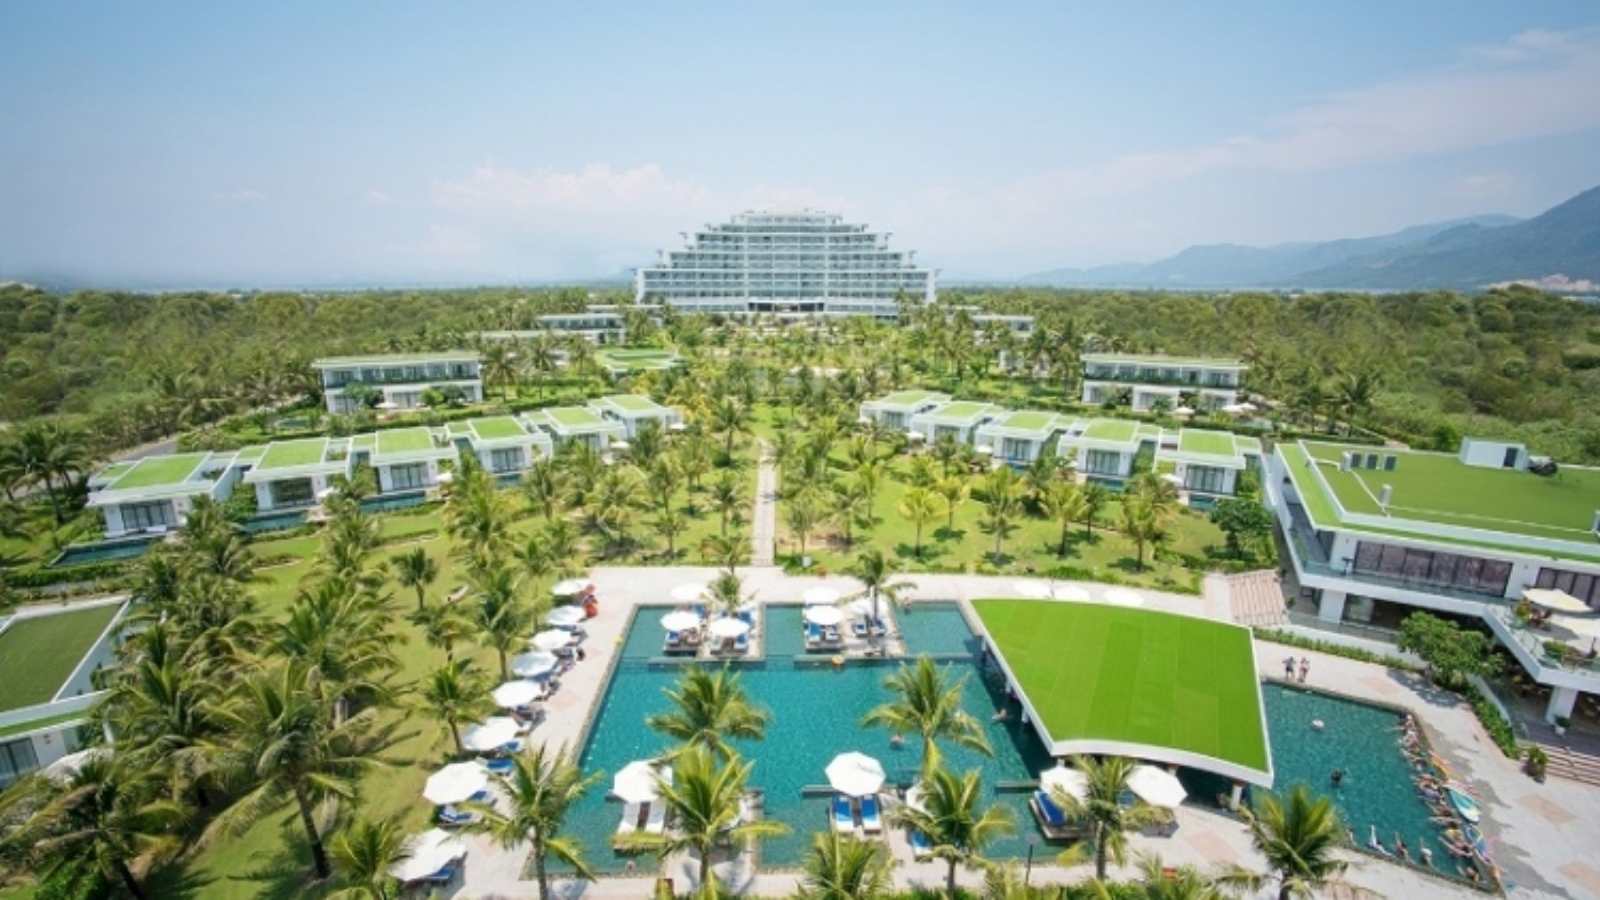 Thiên đường nghỉ dưỡng nhiều trải nghiệm mới tại Cam Ranh Riviera